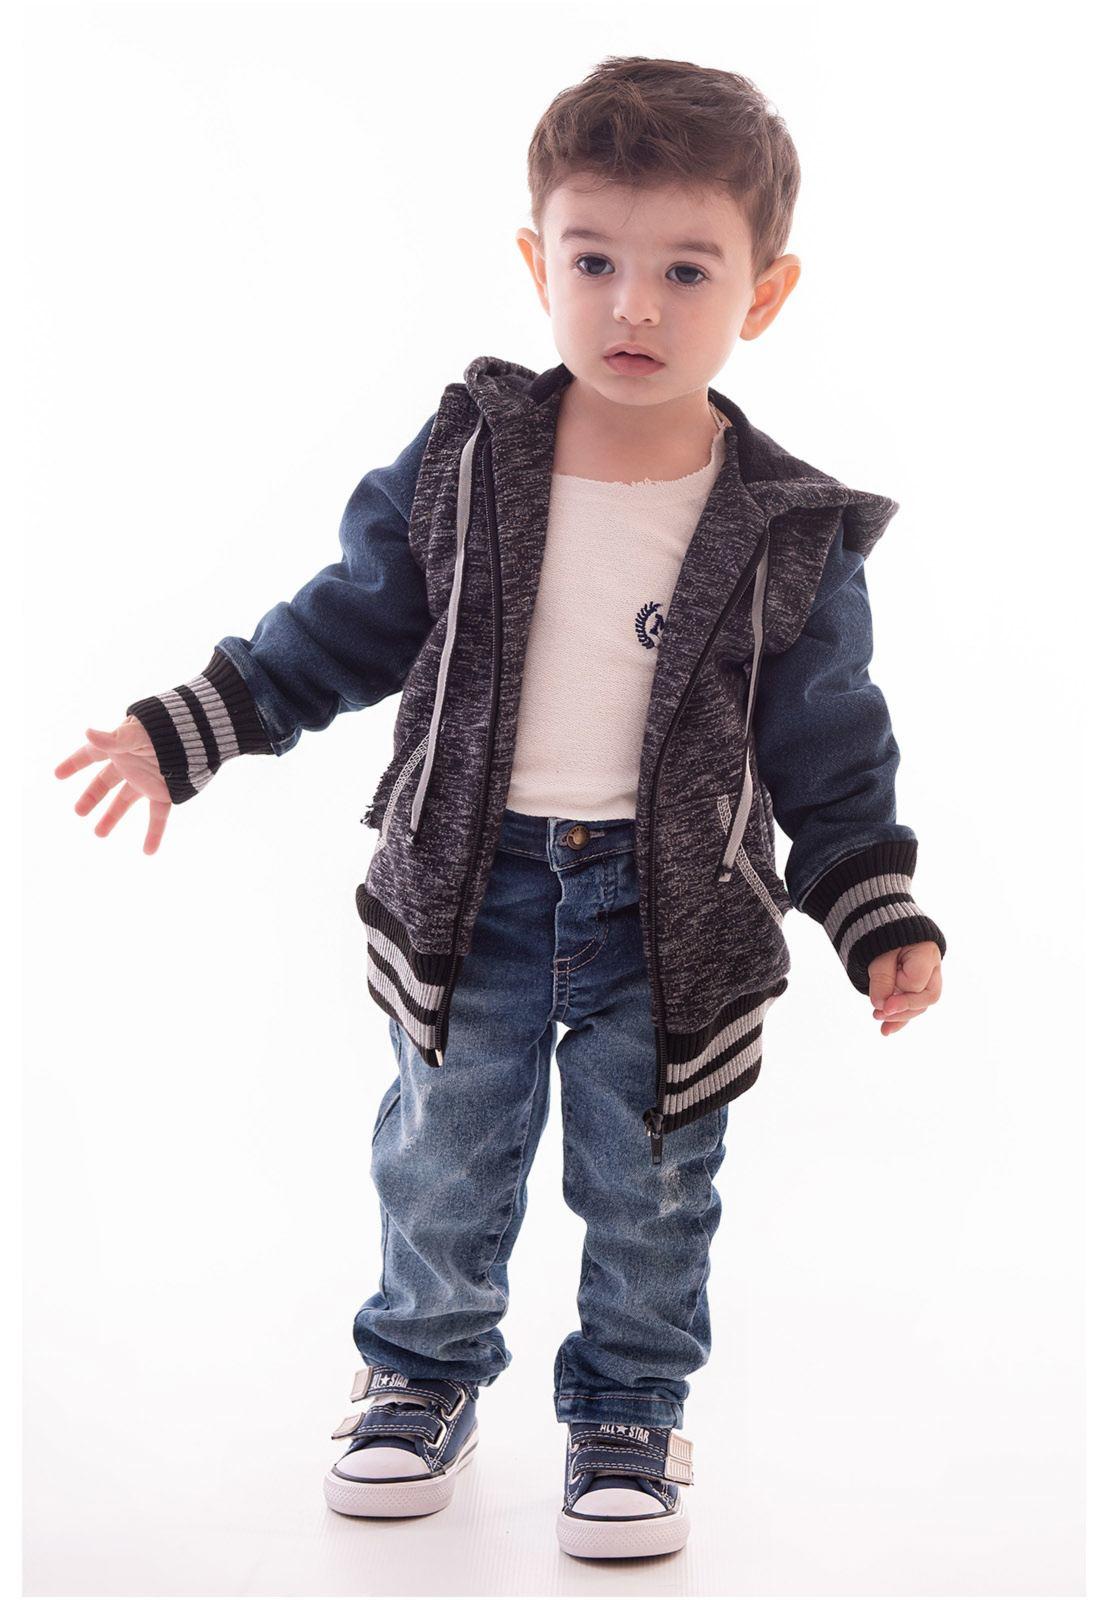 Jaqueta e Capuz em Moletom Mescla, Mangas em Jeans, Punhos em Ribana